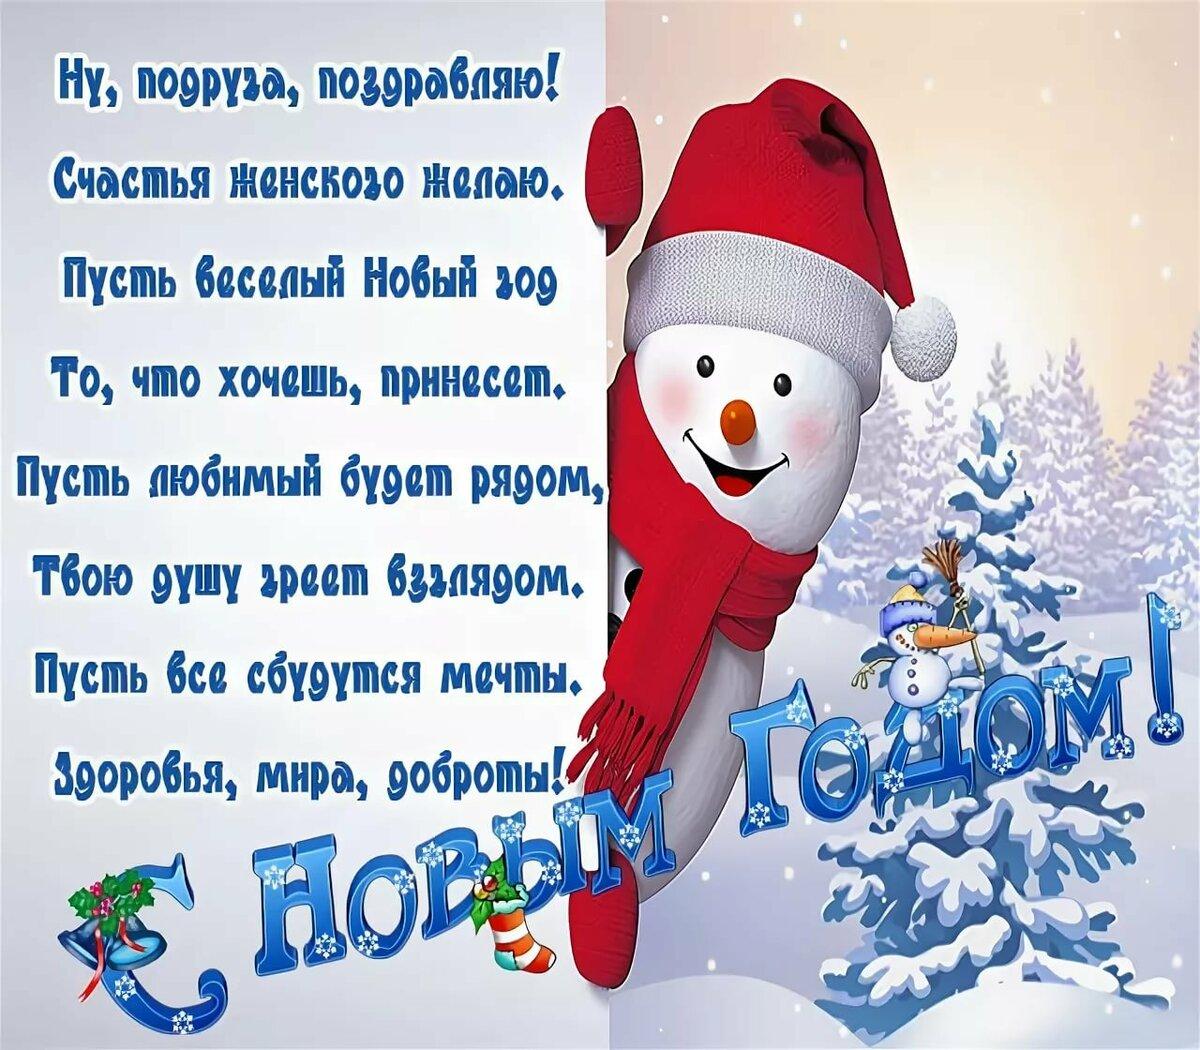 моечном интересные и прикольные поздравления с новым годом конечно кроме